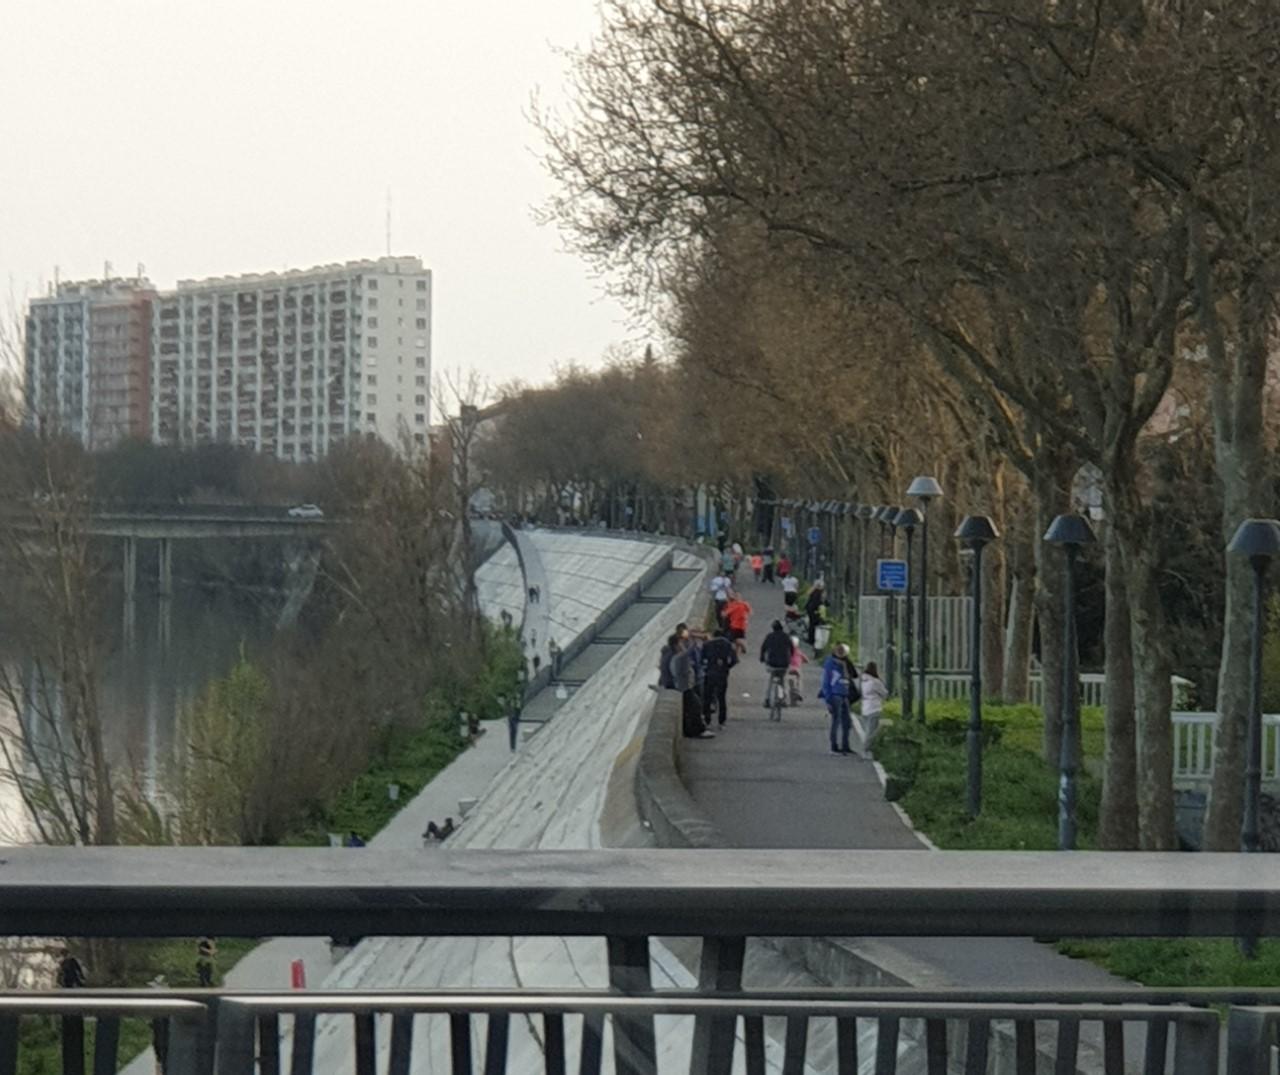 Les quais de Toulouse au deuxième jour du confinement, encore beaucoup de riverains qui ne respectent pas le confinement